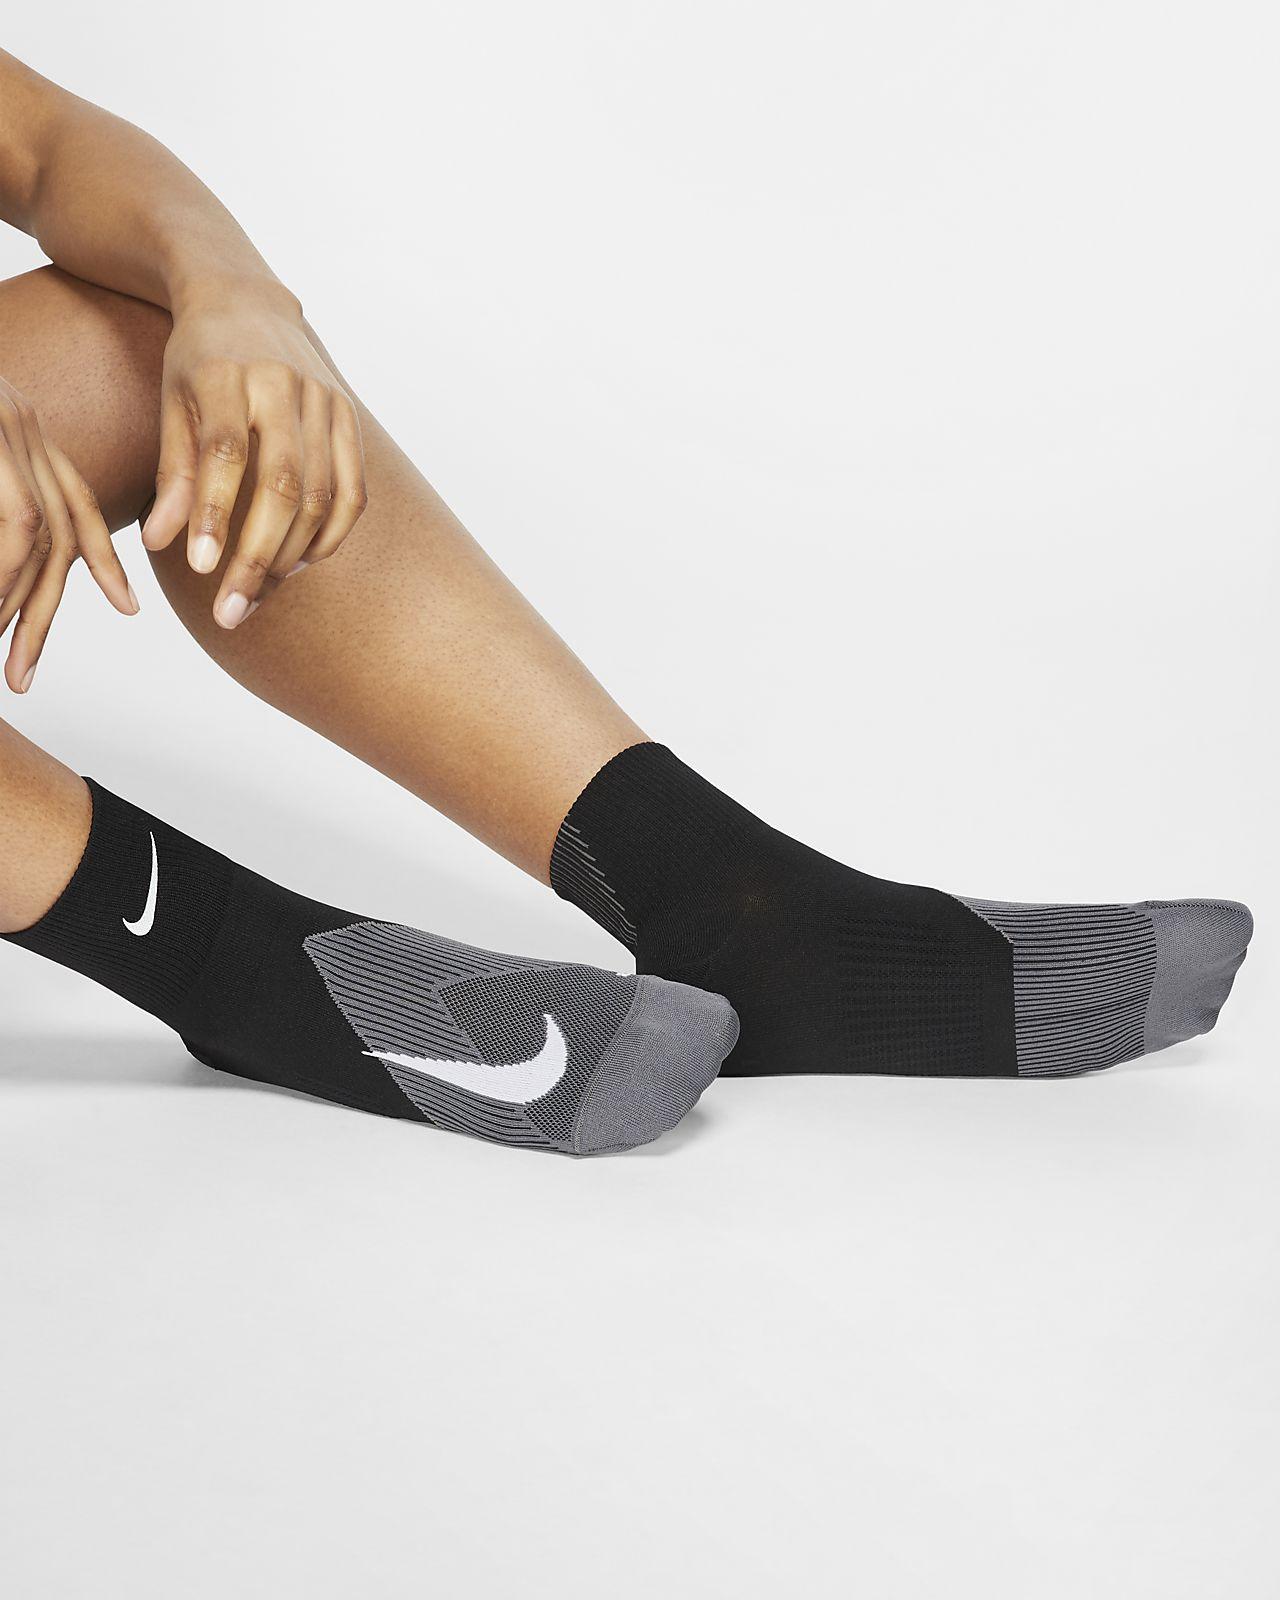 Calcetines de running Nike Elite Lightweight Crew